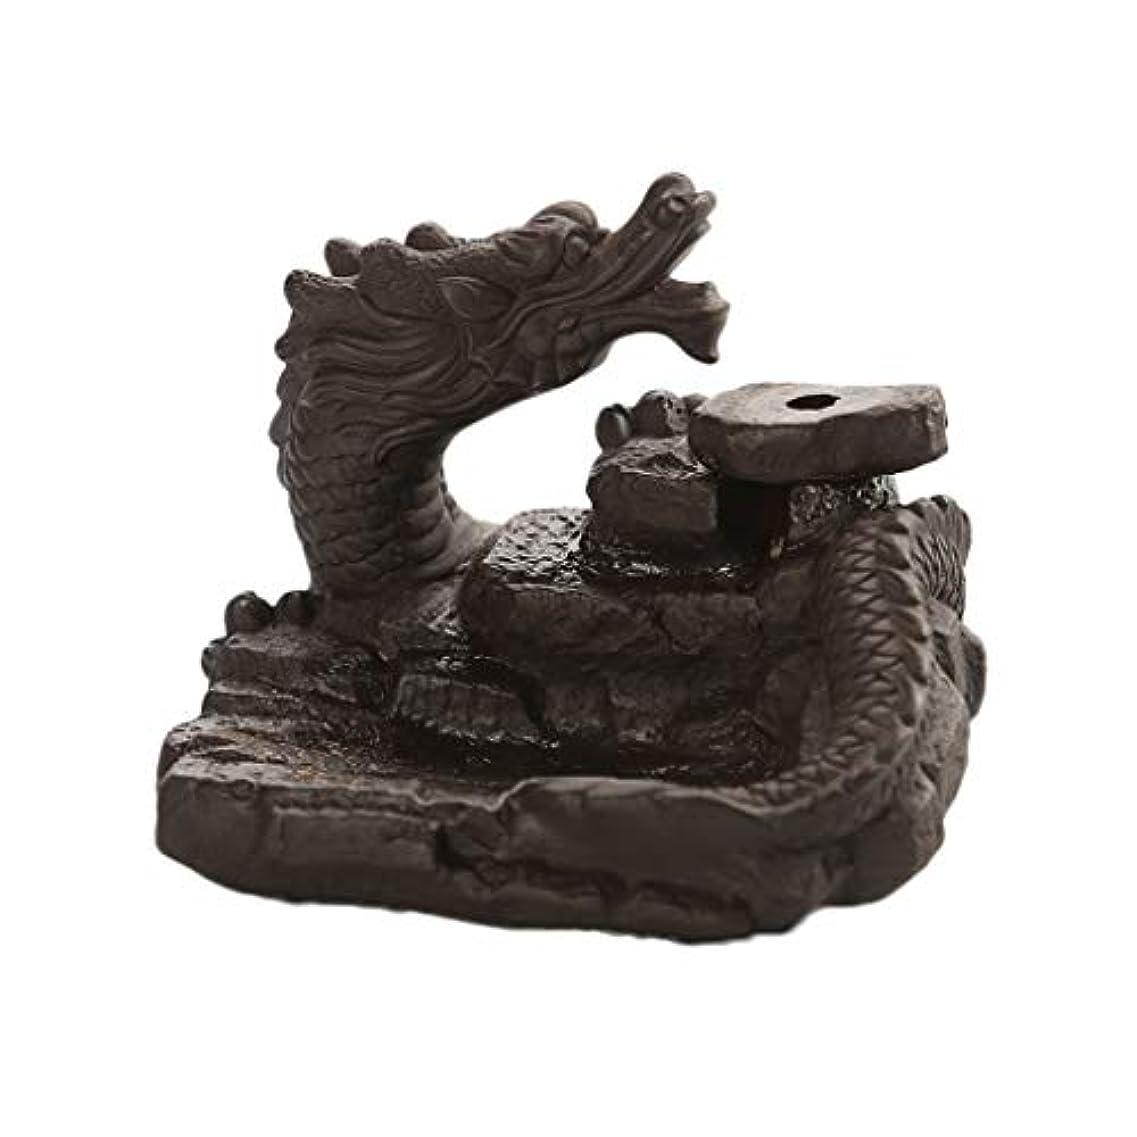 証明海嶺容疑者家の装飾ドラゴン逆流還流香バーナーセラミックスティックホルダーコーンセンサー茶室飾り香炉 芳香器?アロマバーナー (Color : Black, サイズ : 3.46*3.14*2.36 inches)